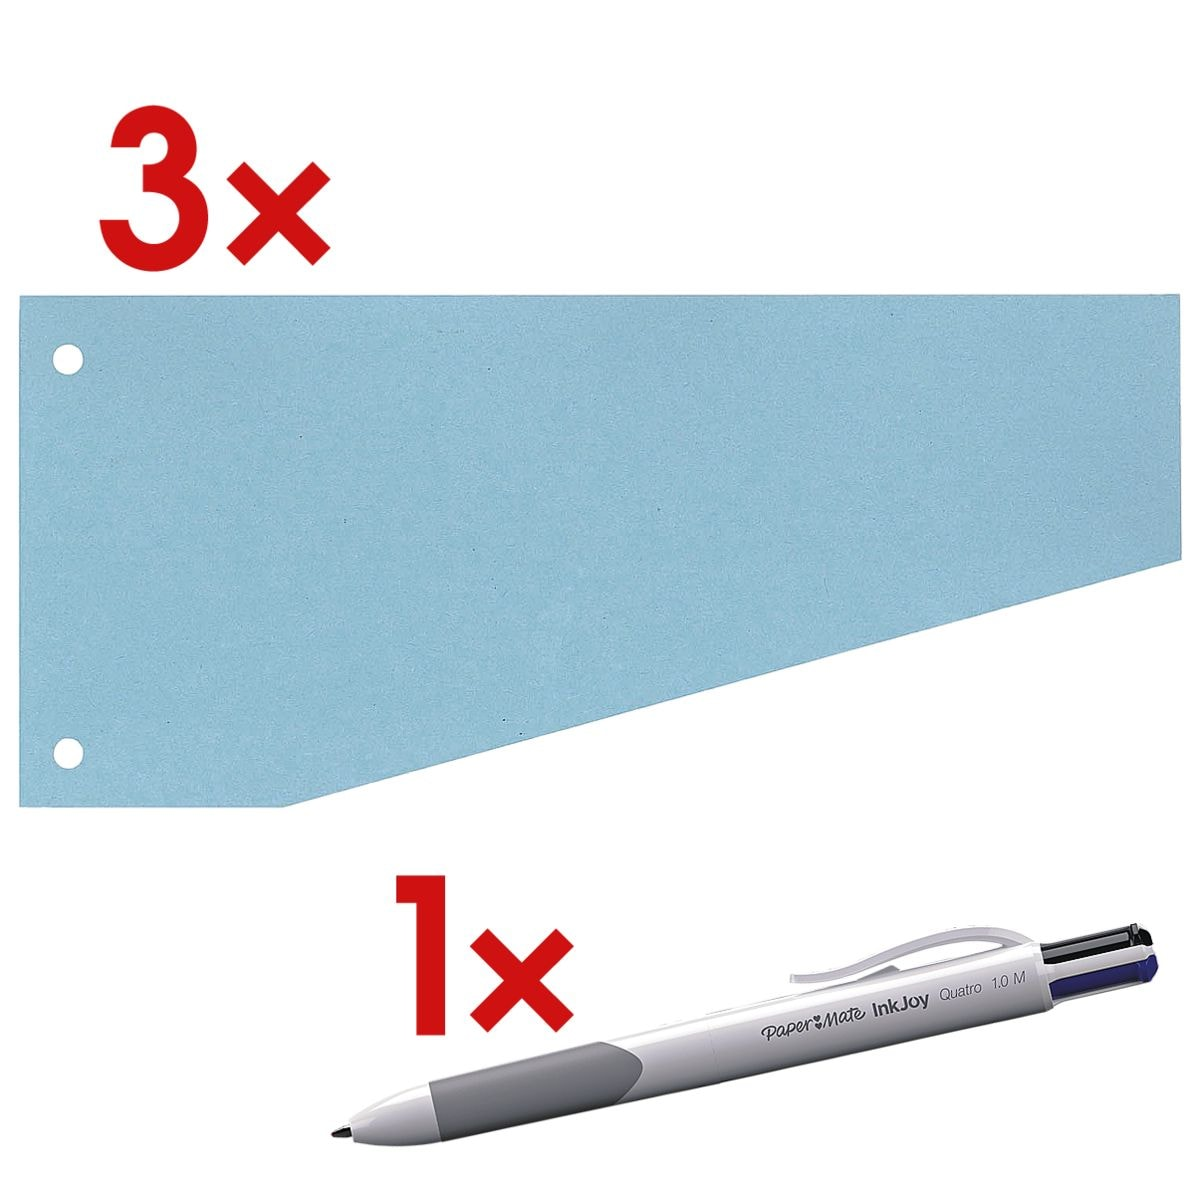 Bandes intercalaires OTTO Office Nature, carton recyclé trapèze 24/10,5 cm, 300 pièce(s), avec Stylo-bille 4 couleurs « Inkjoy™ Quatro »